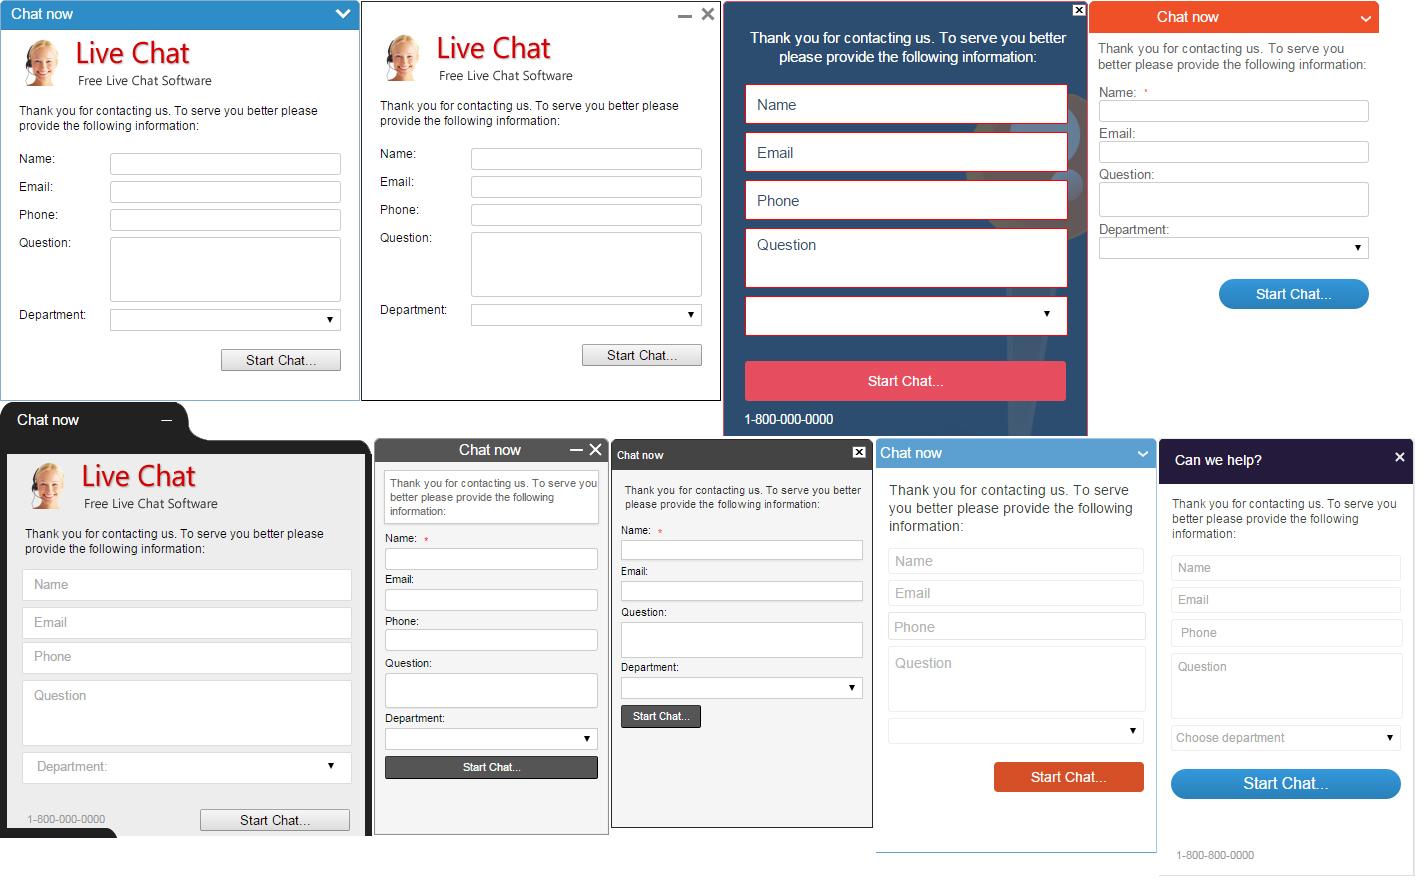 Live chat Screenshots | Live chat Software Screenshots | Live ...